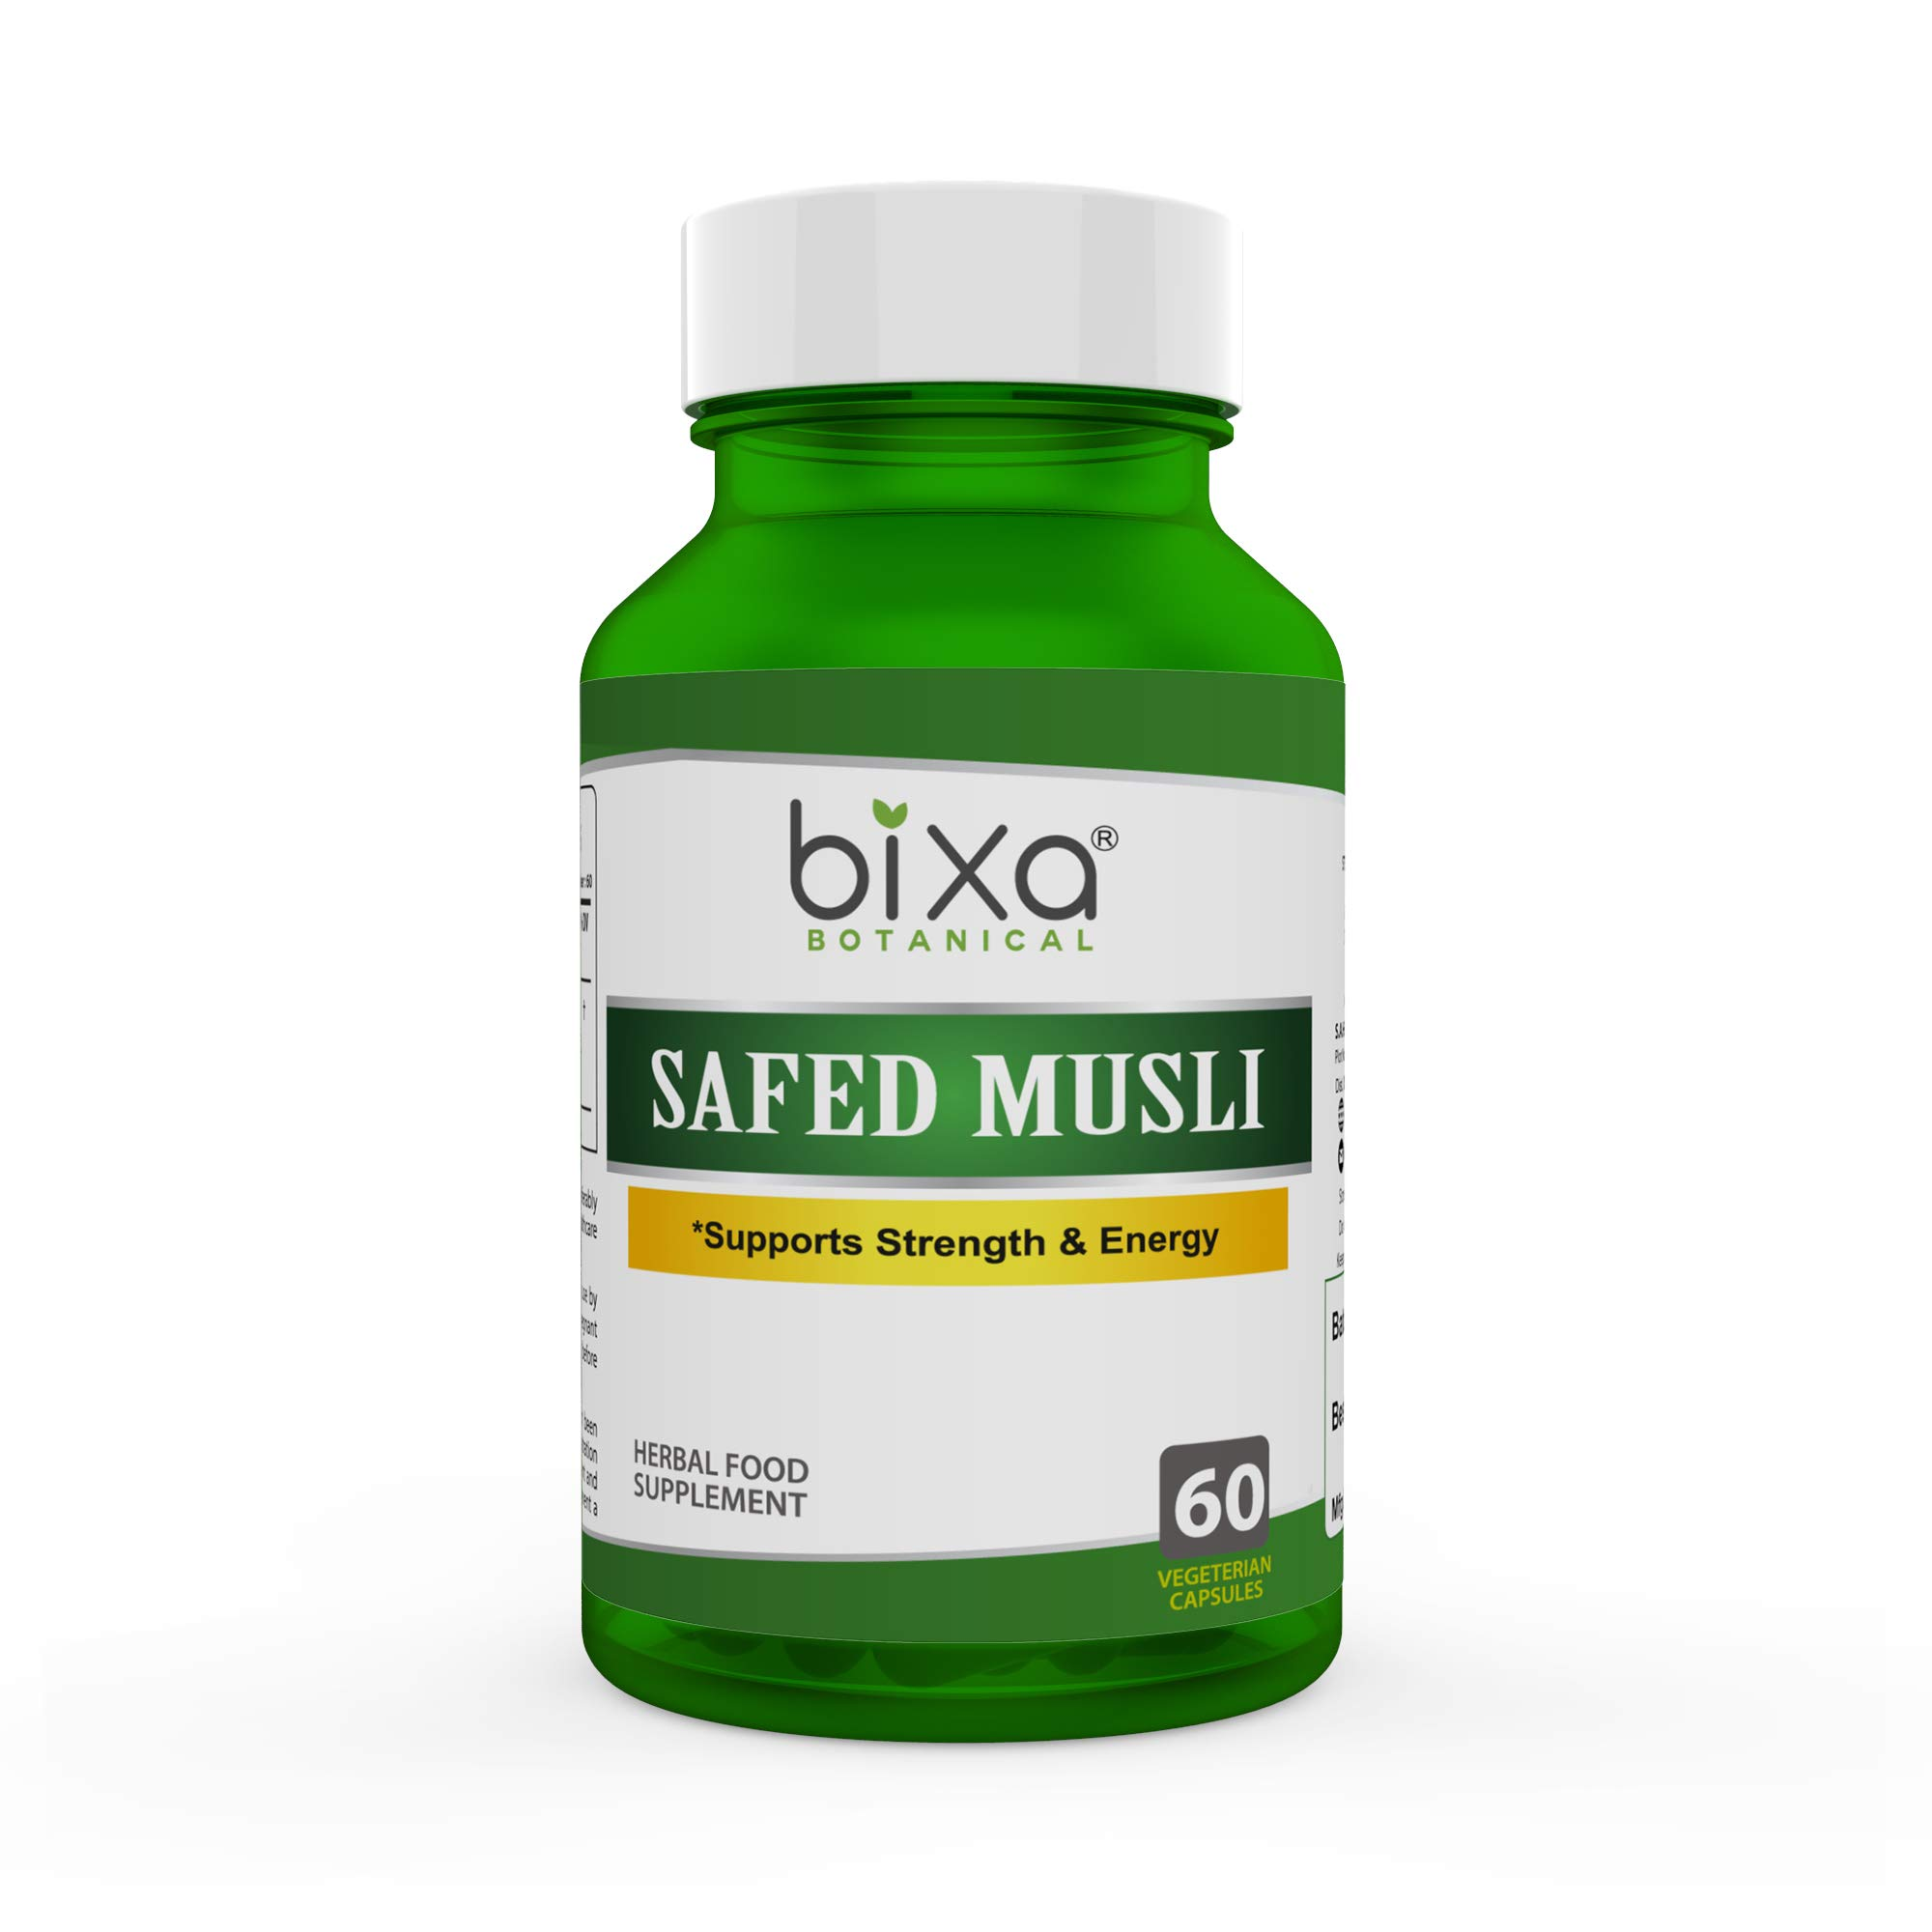 Safed Musli Extract Capsules (Chlorophytum borivilianum) - bixa BOTANICAL(60 Veg Capsules 450mg)